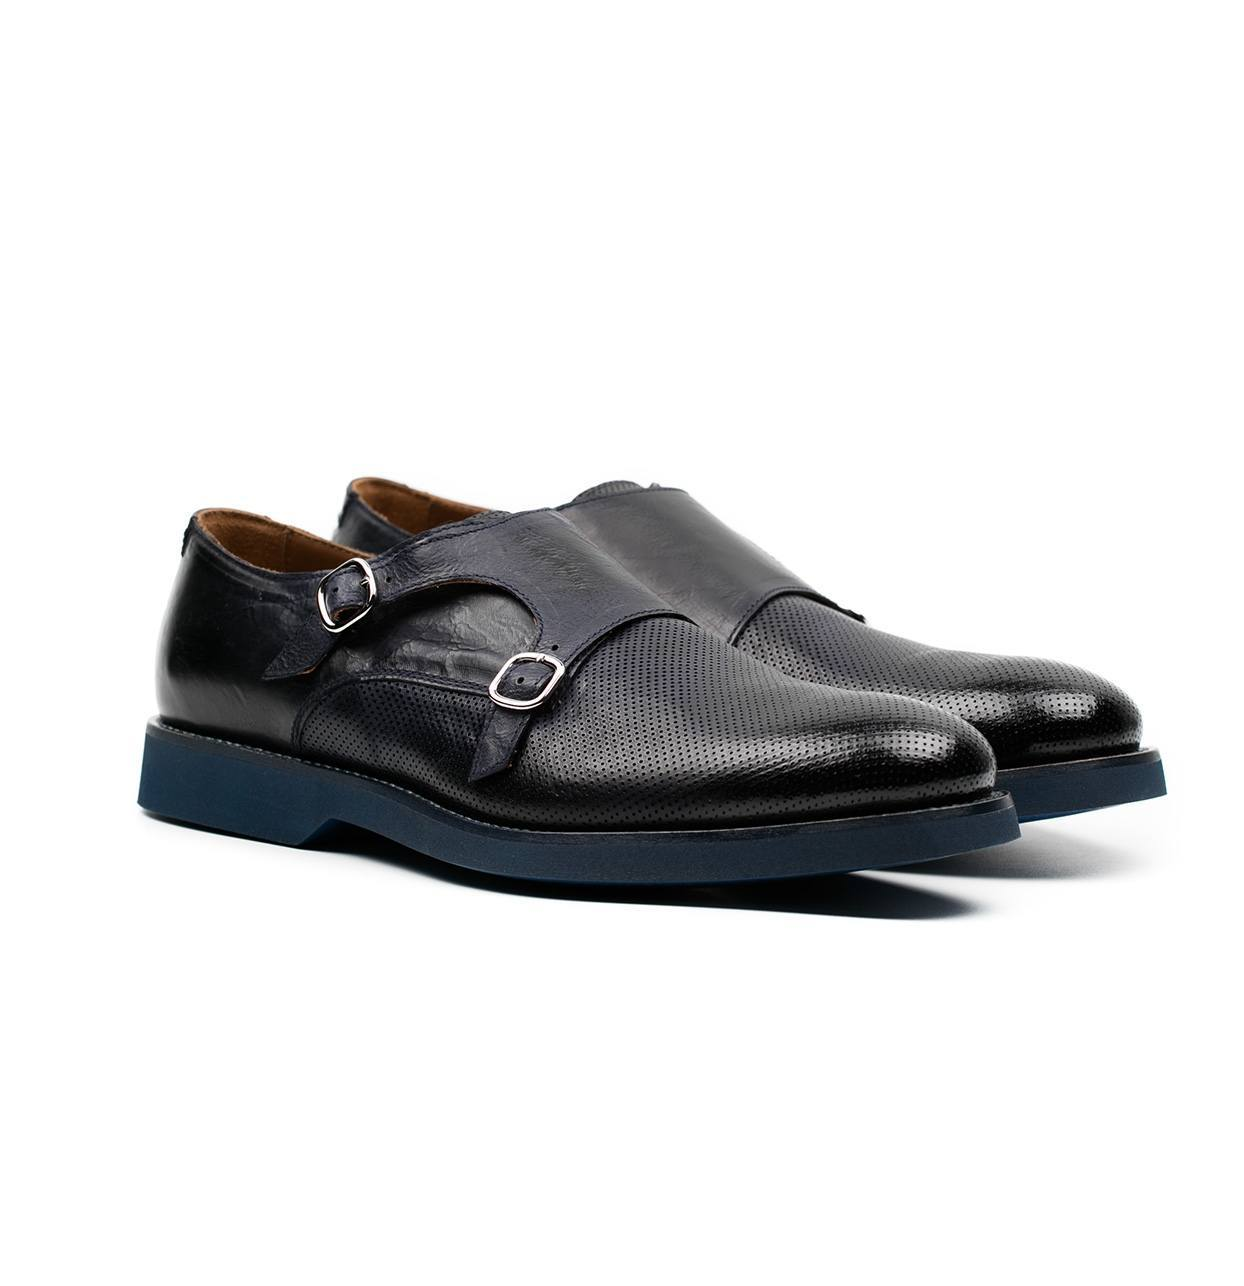 Zapato color azul marino con doble hebilla y combinación de piel lisa y piel perforada. - Ítem1